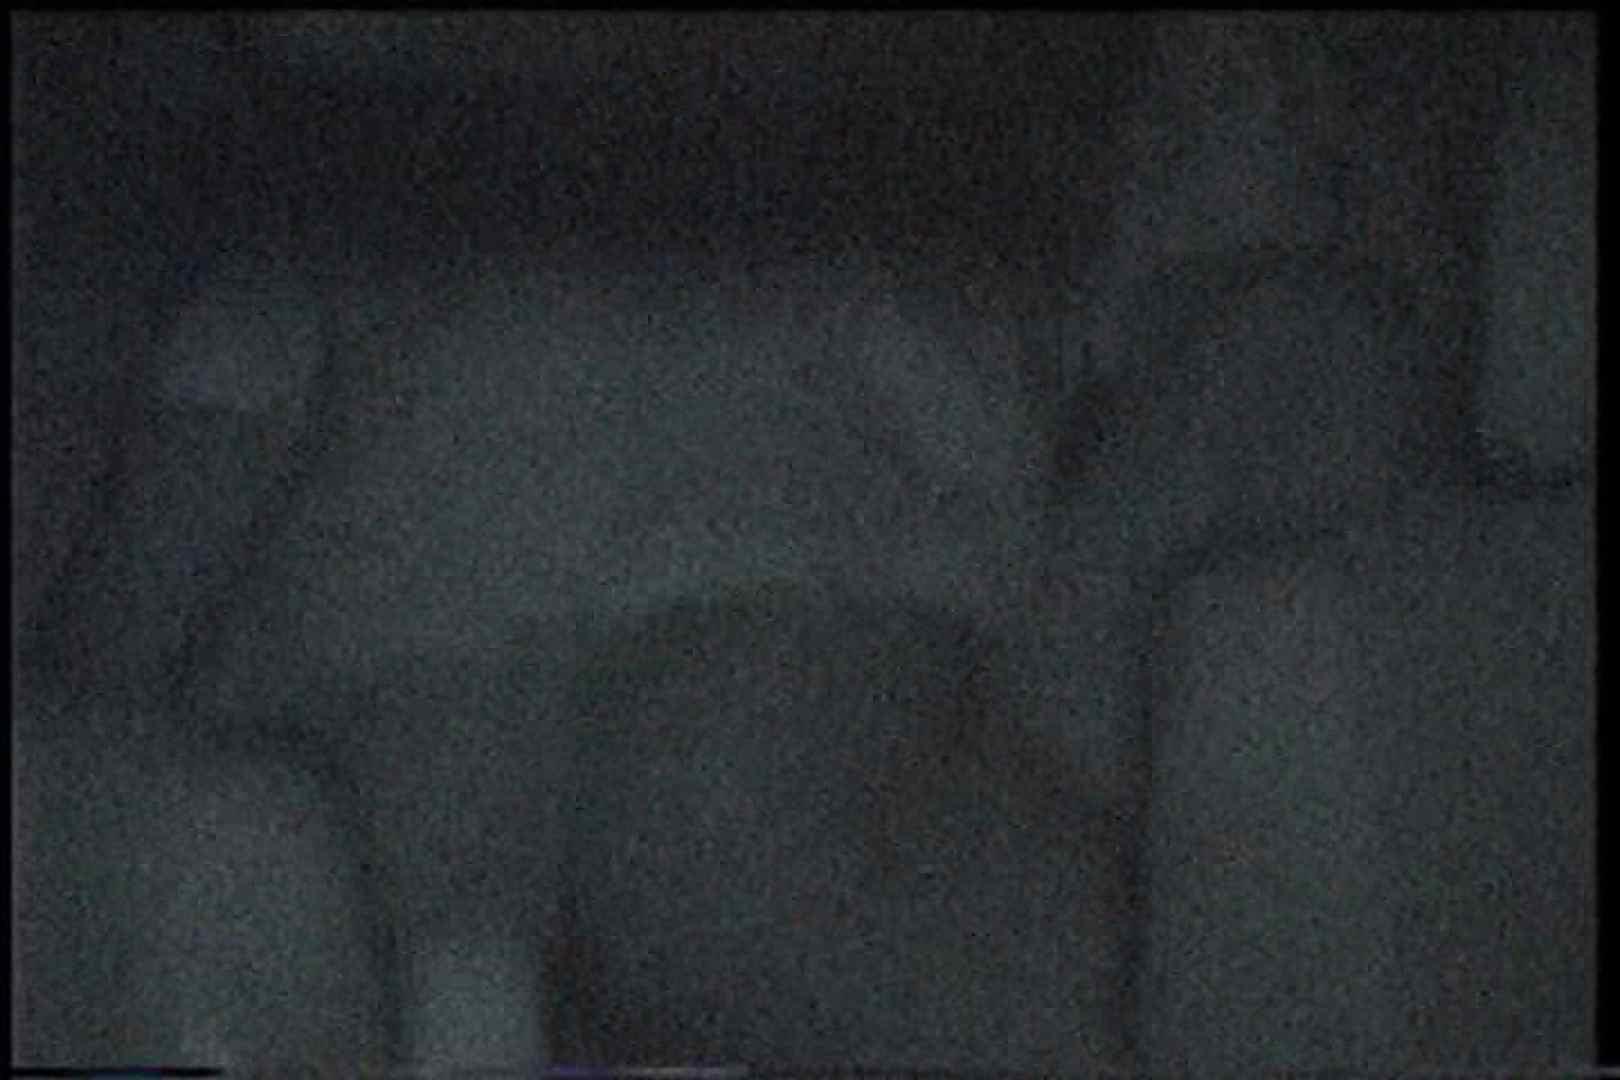 充血監督の深夜の運動会Vol.181 おまんこ無修正 AV動画キャプチャ 84画像 43